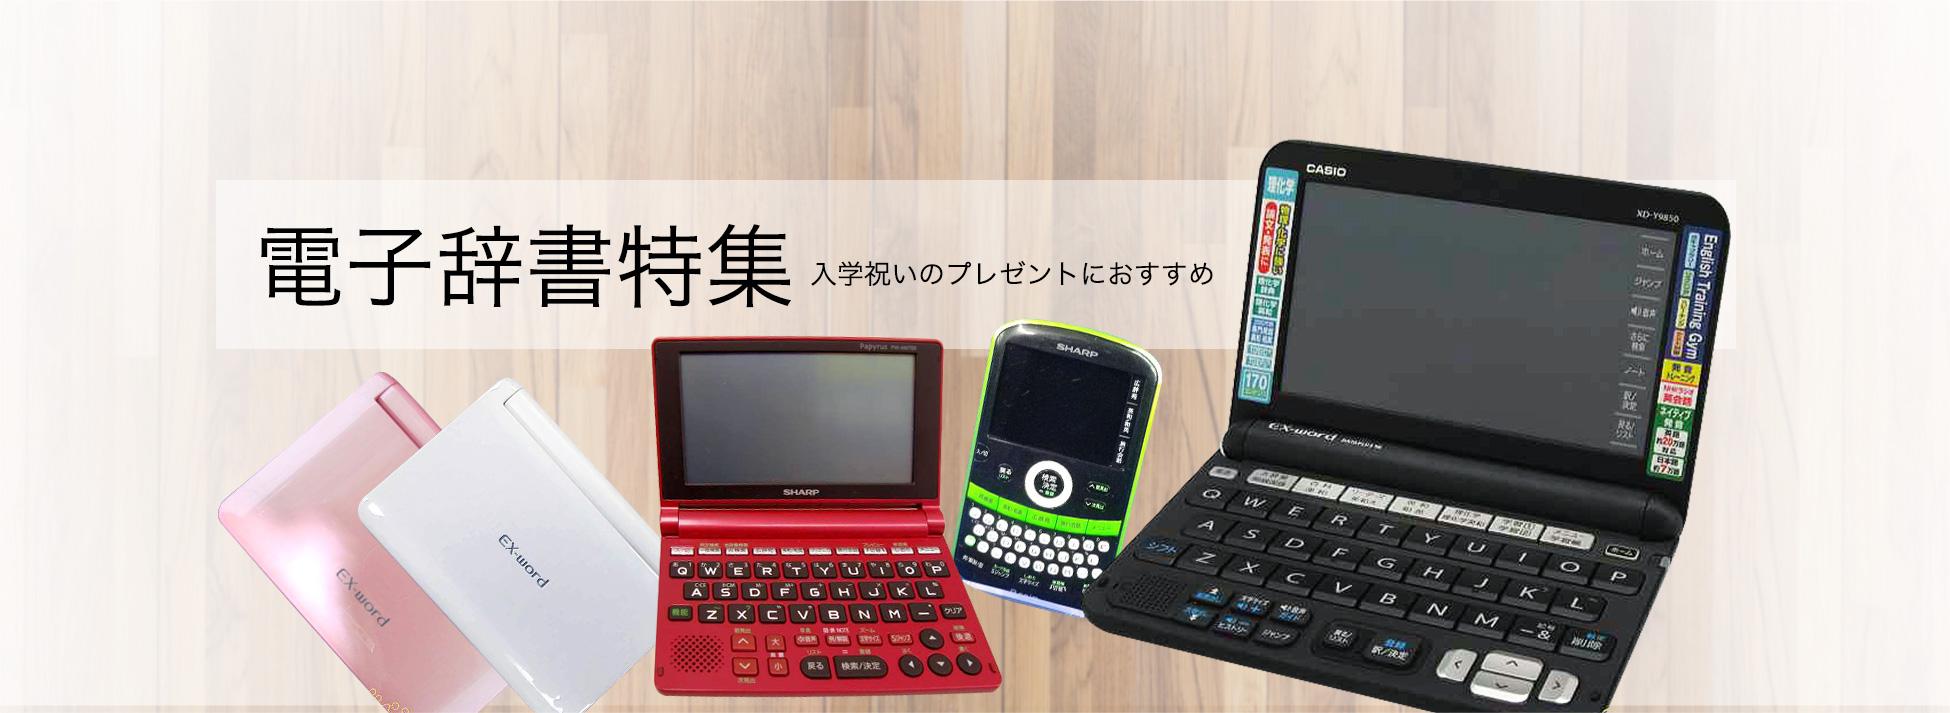 【電子辞書】特集